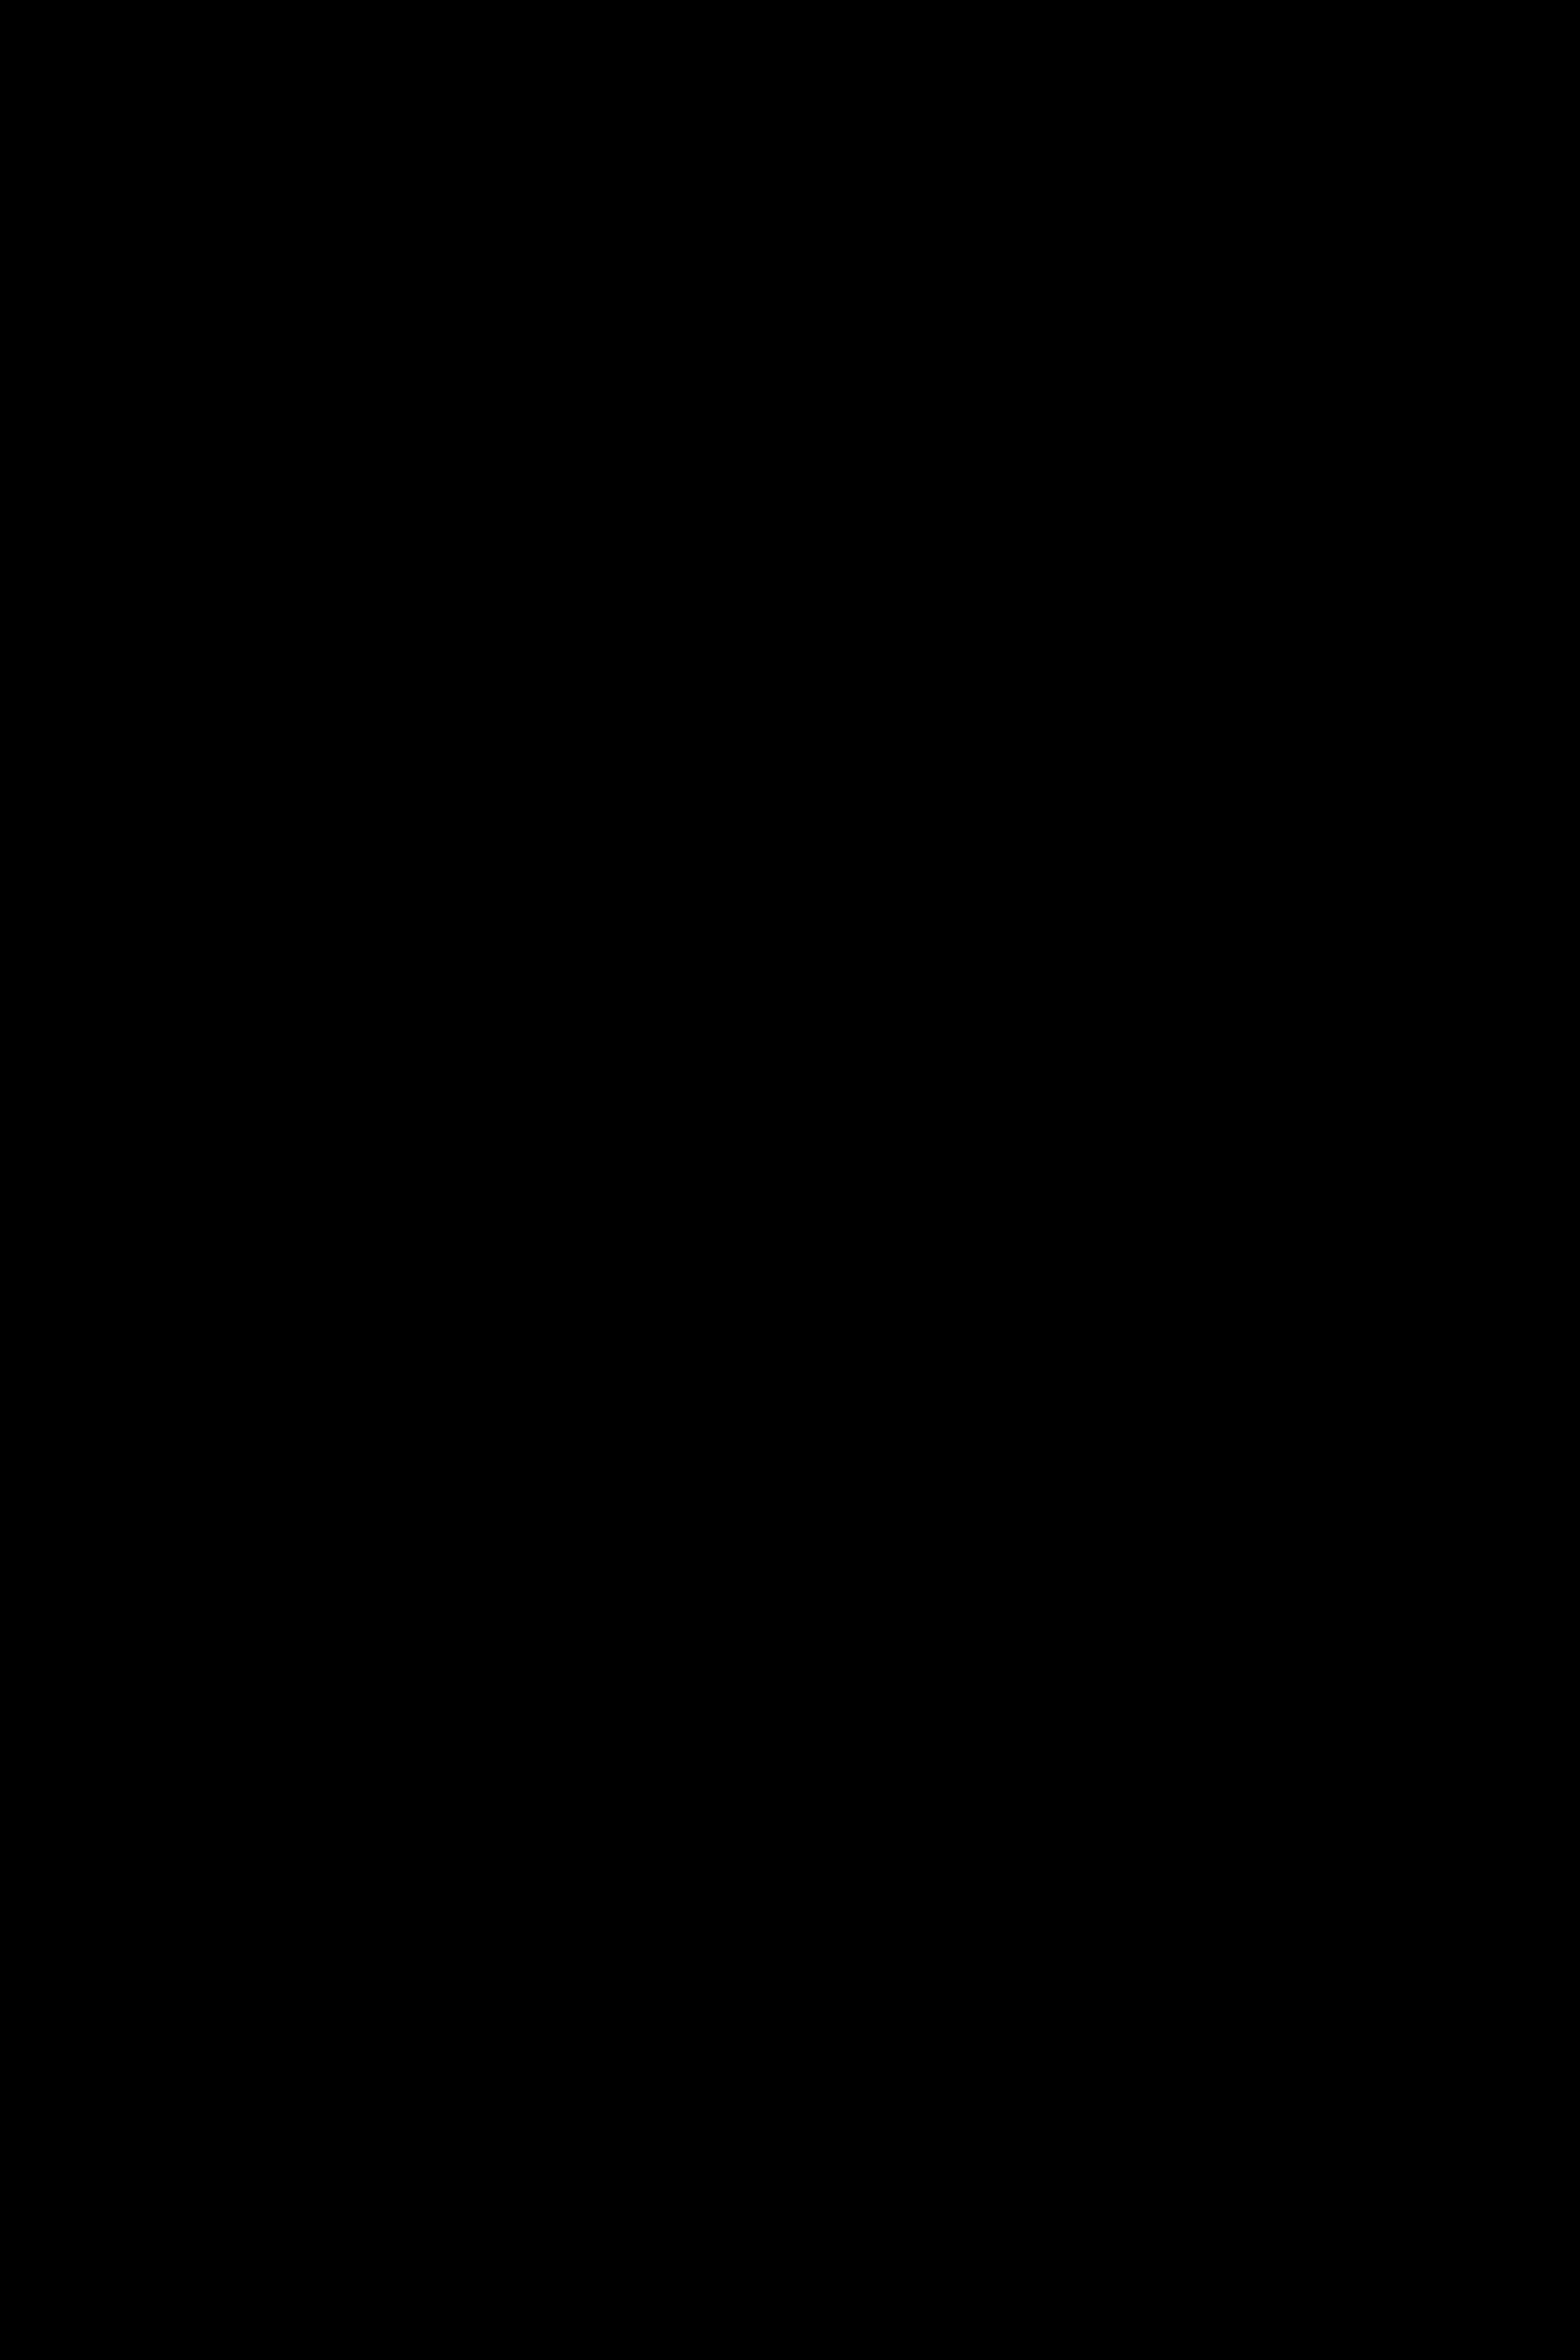 EVOLUS rouge 2014, 87/100 par Andreas Larsson